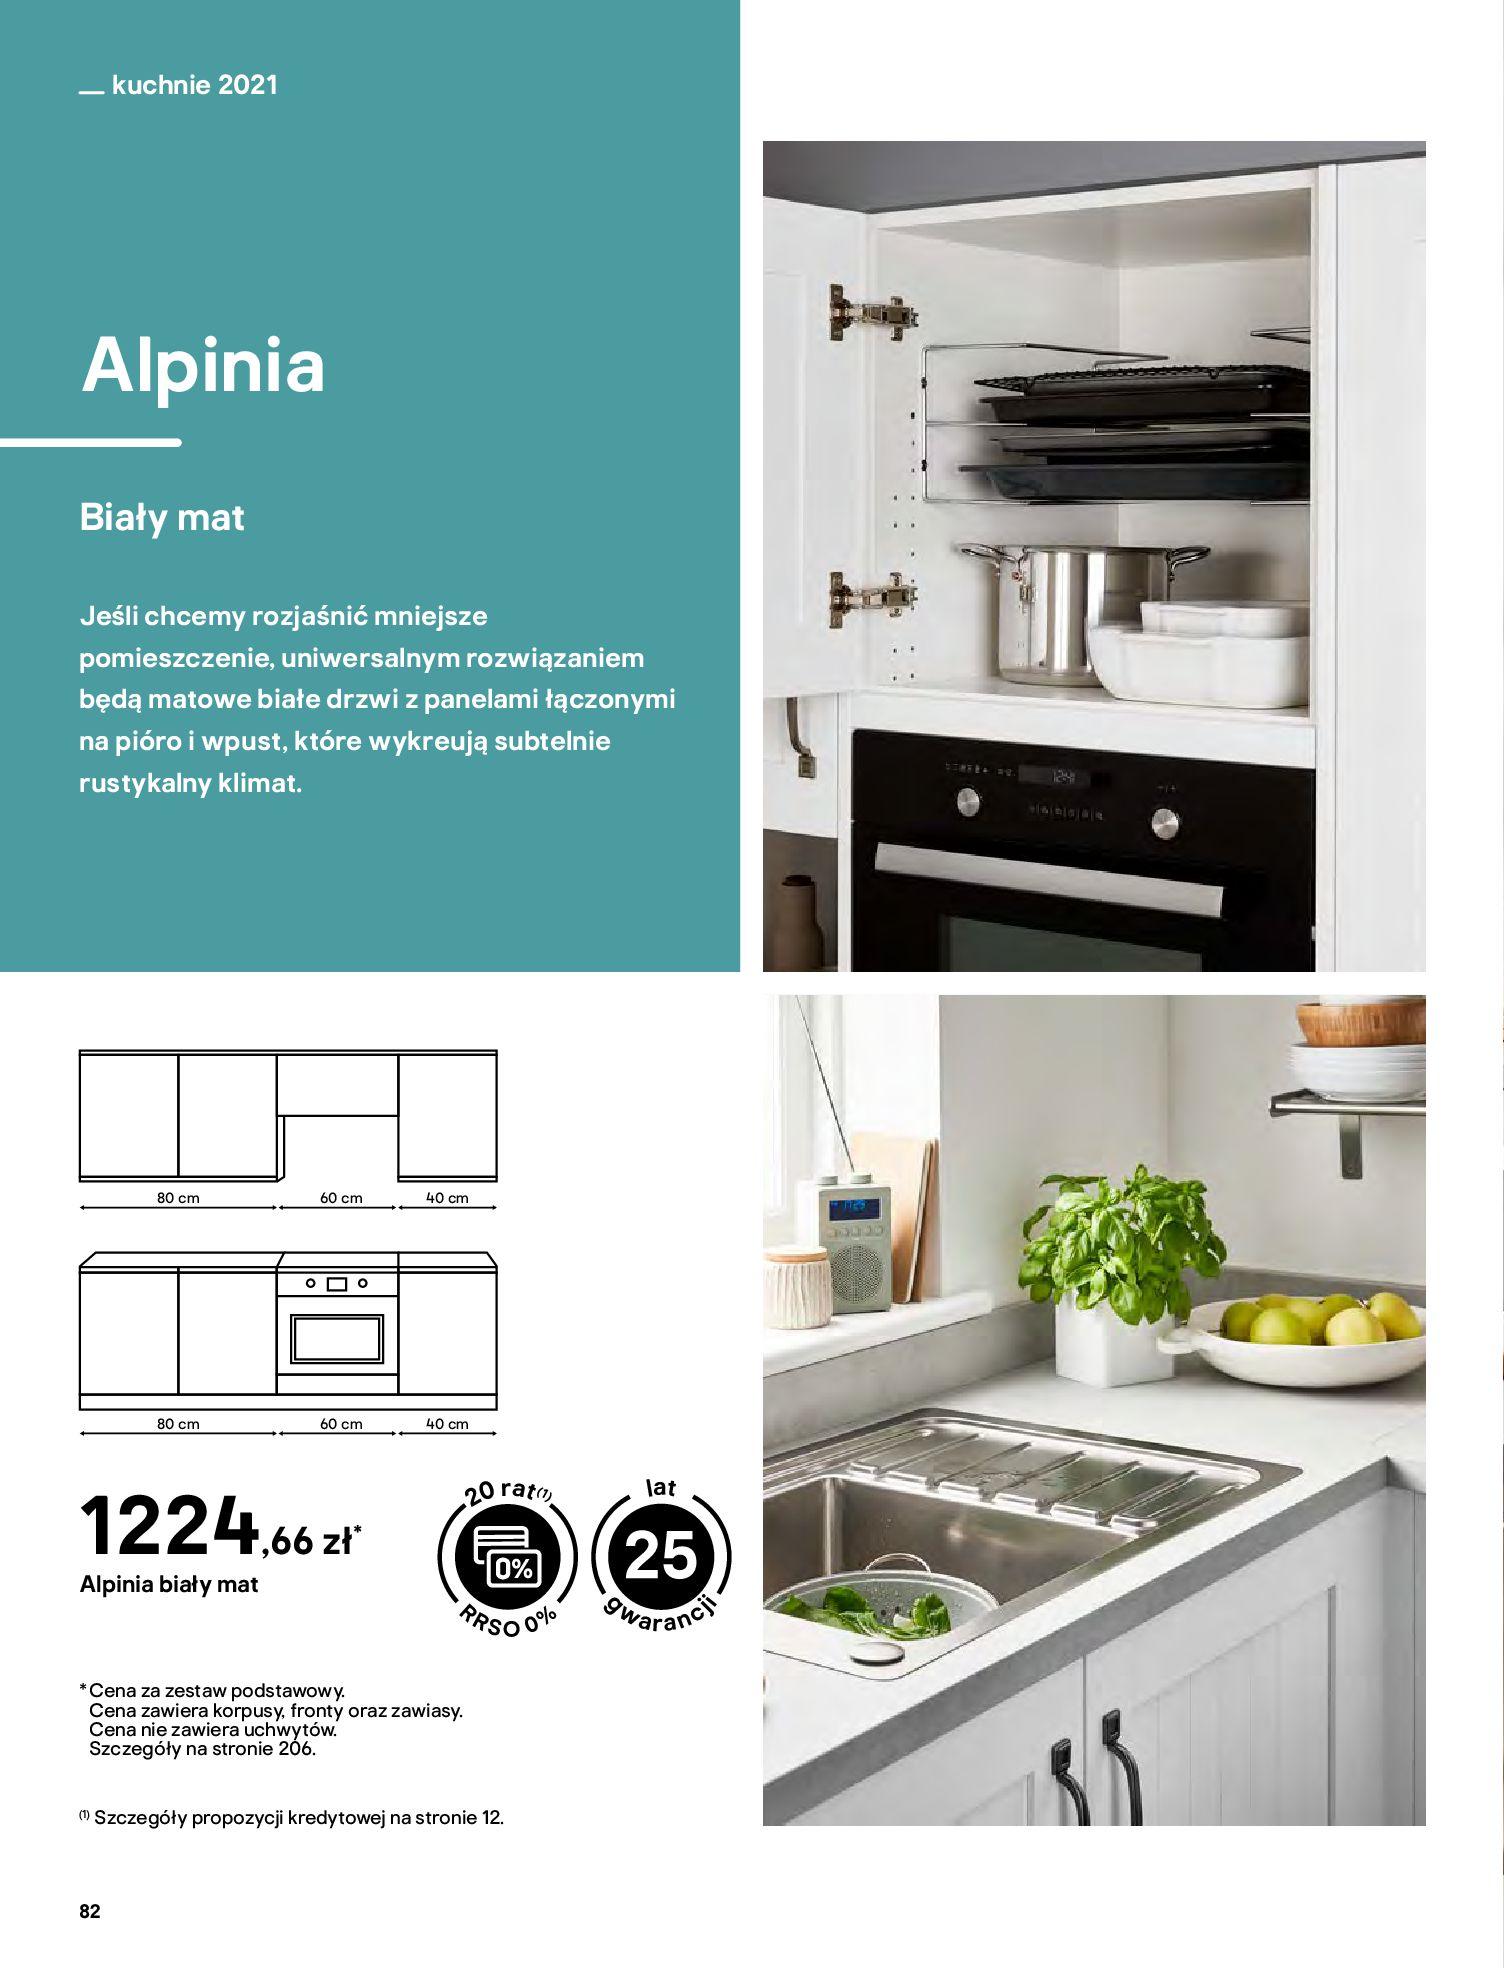 Gazetka Castorama: Katalog kuchnie 2021 2021-05-04 page-82